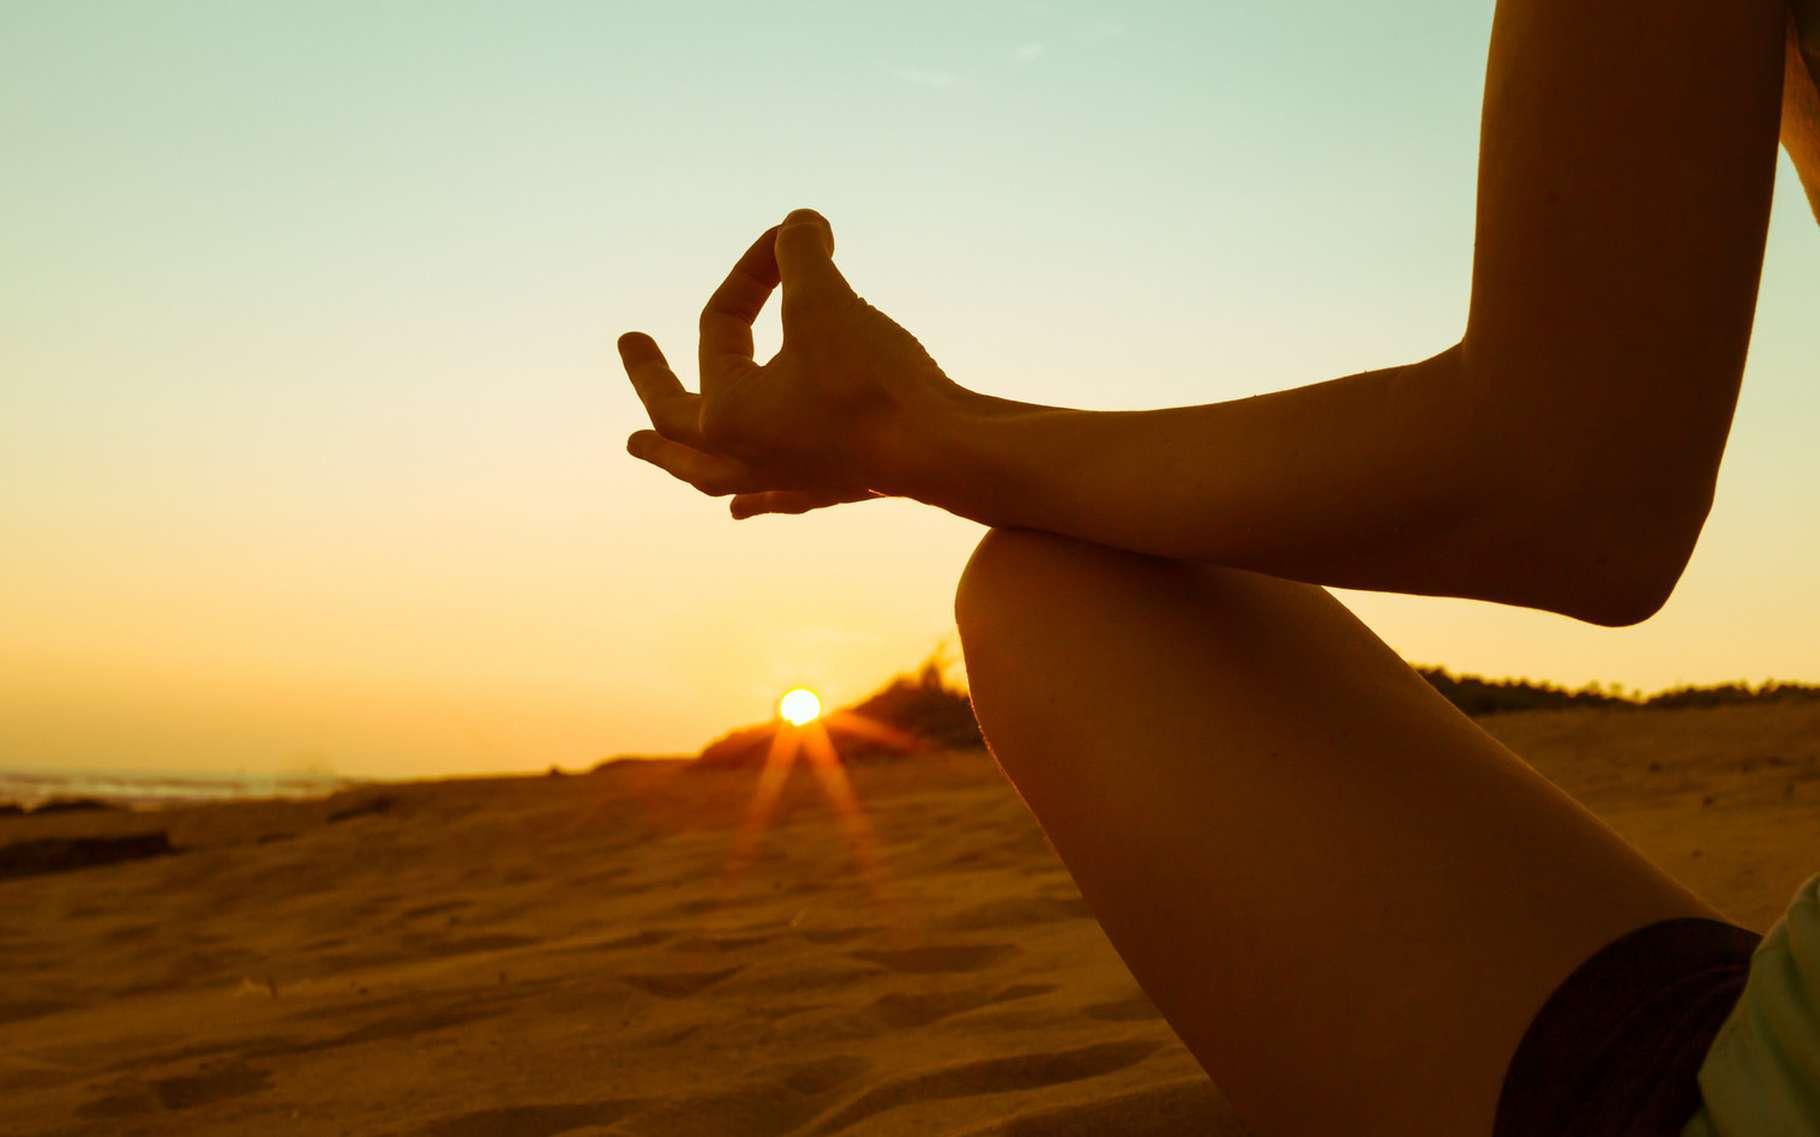 La méditation peut servir à améliorer le bien-être de l'individu. © KieferPix, Shutterstock